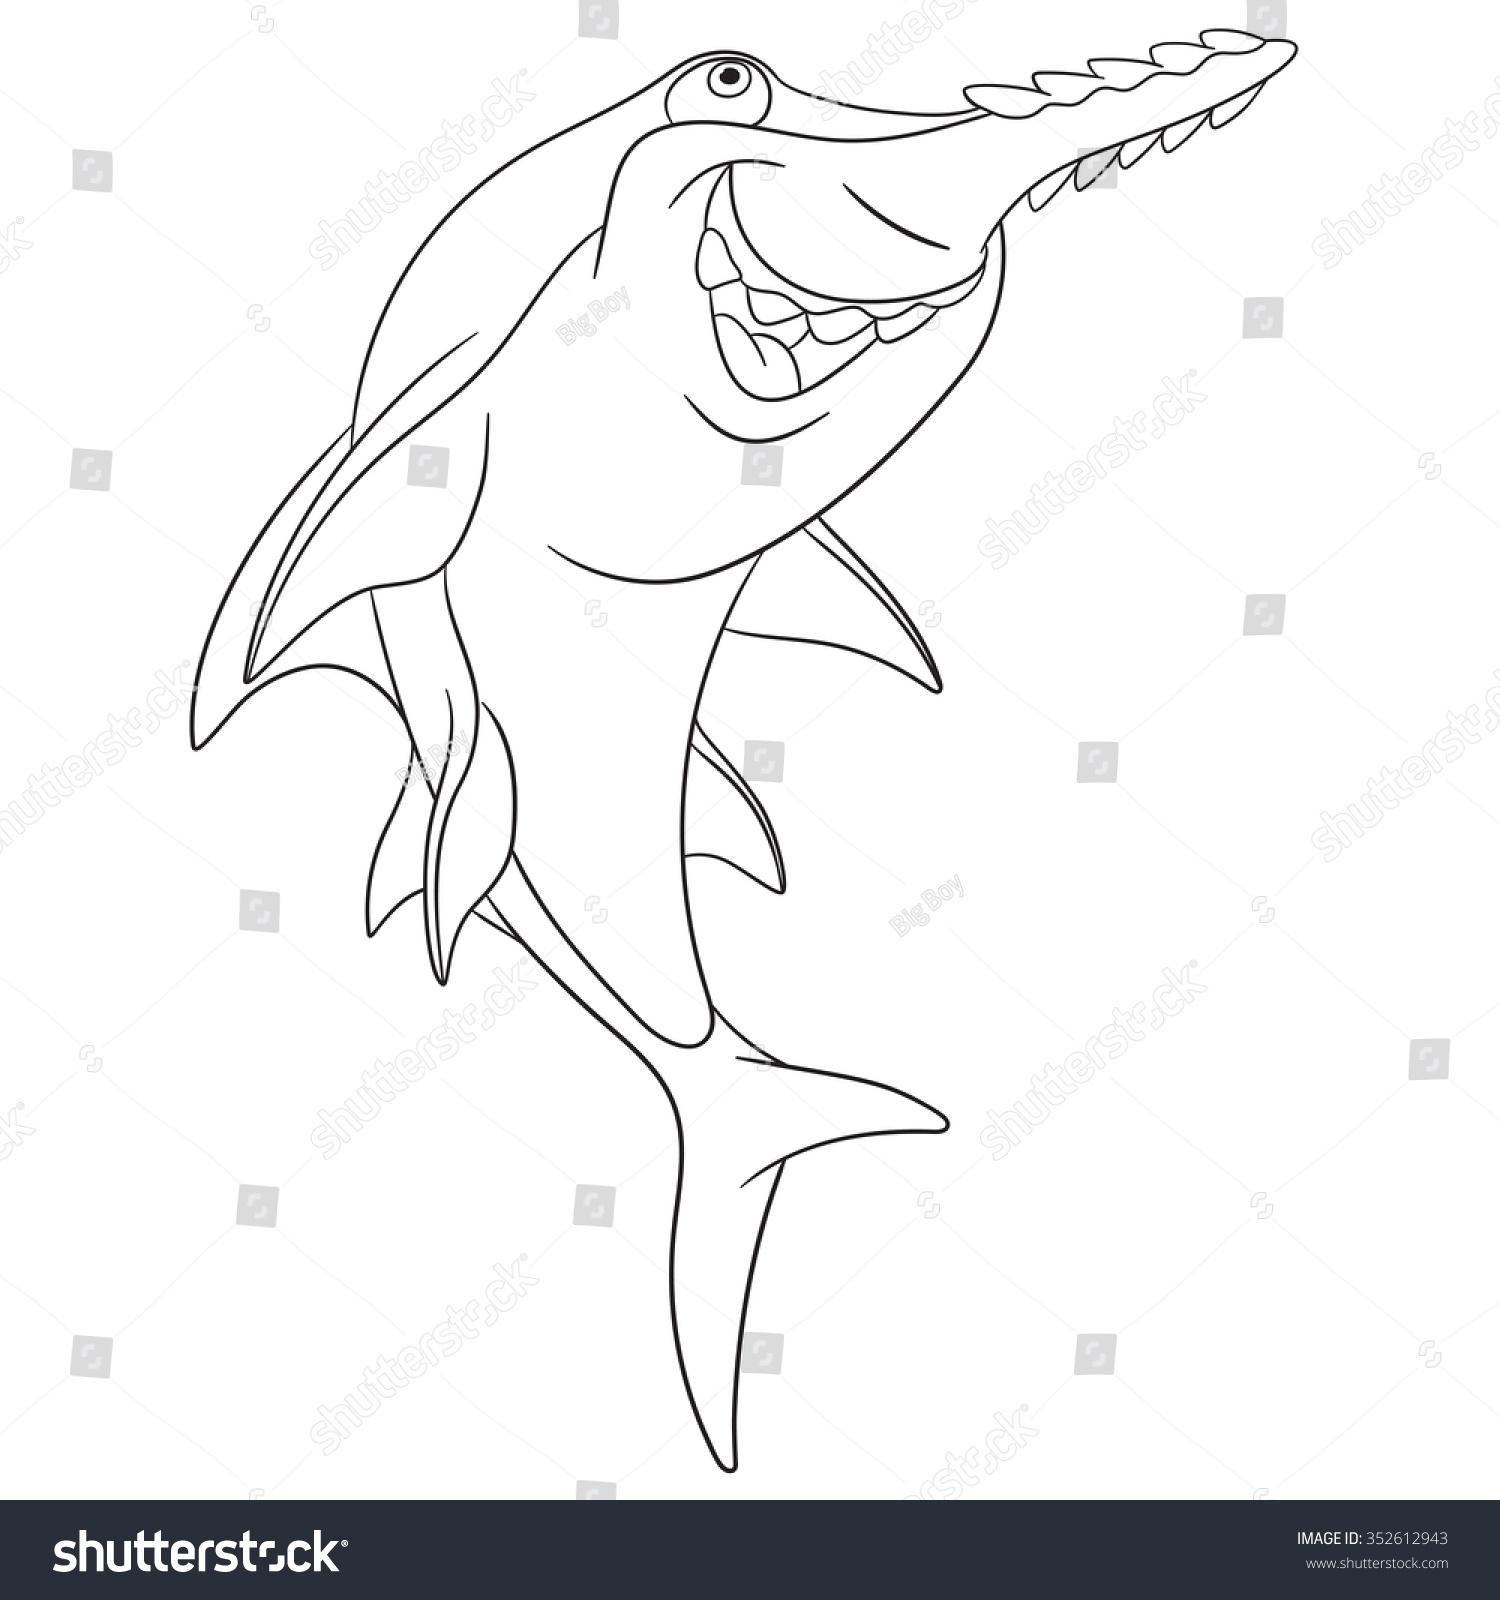 Cute Dangerous Happy Cartoon Saw Fish Stock Vector 352612943